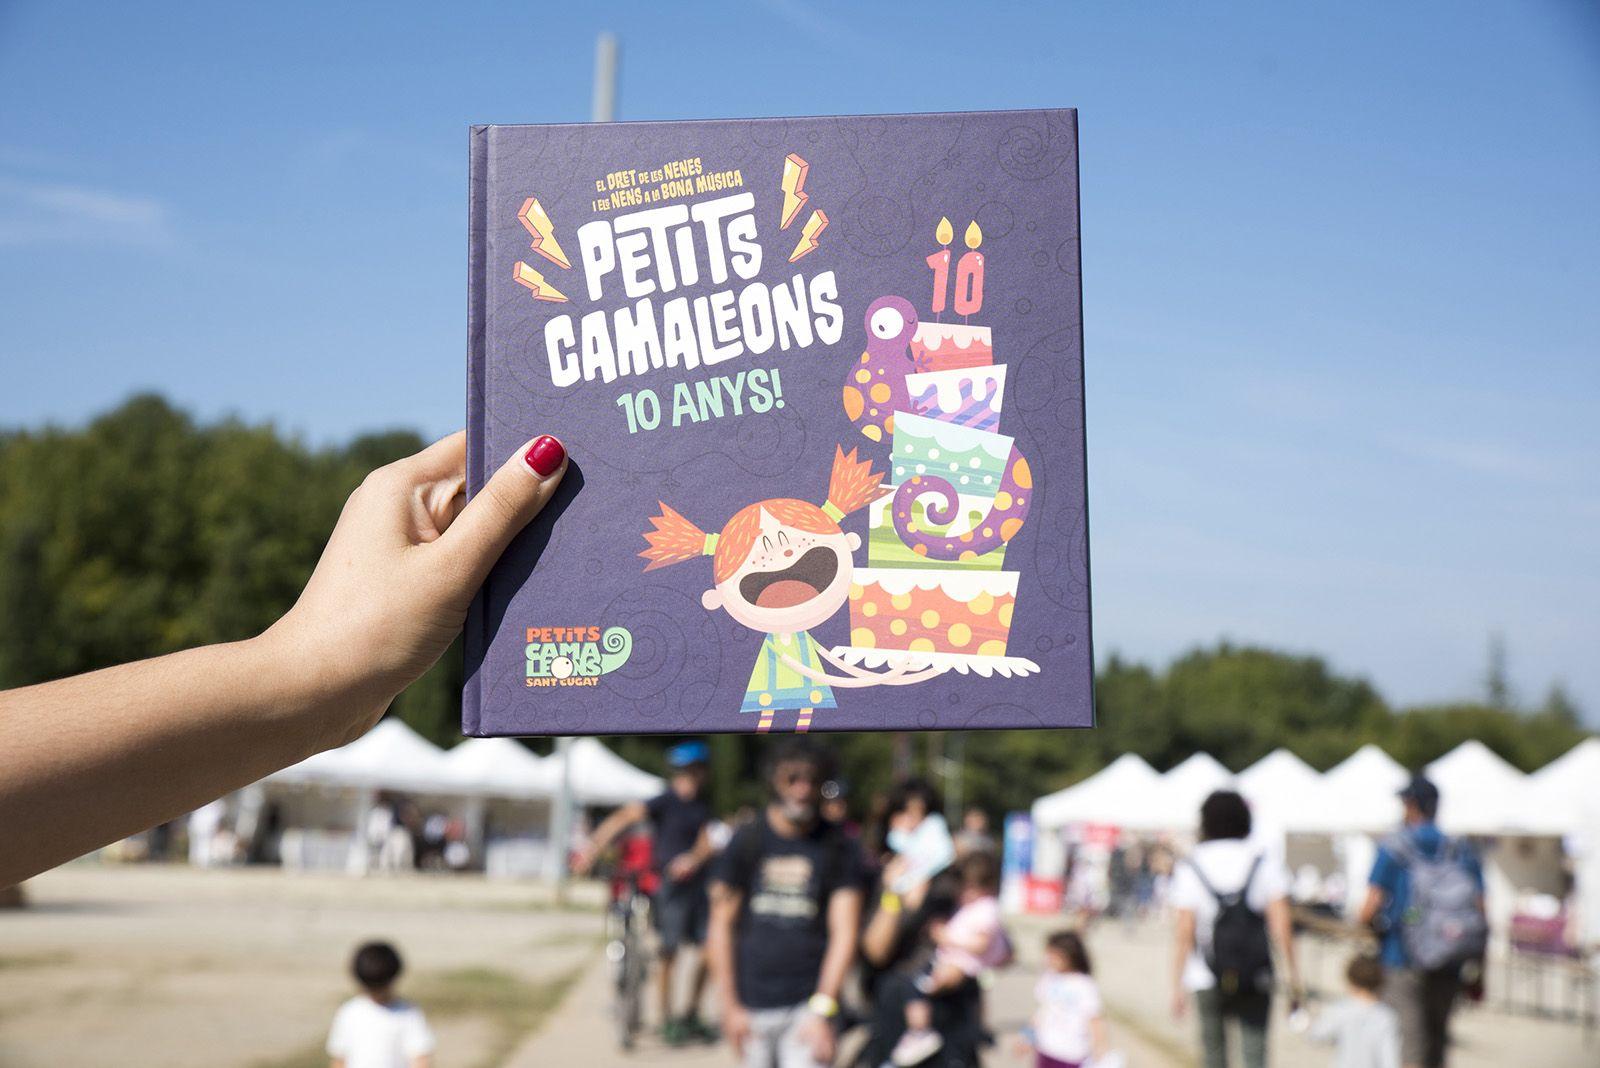 El festival Petits Camaleons. Foto: Bernat Millet.